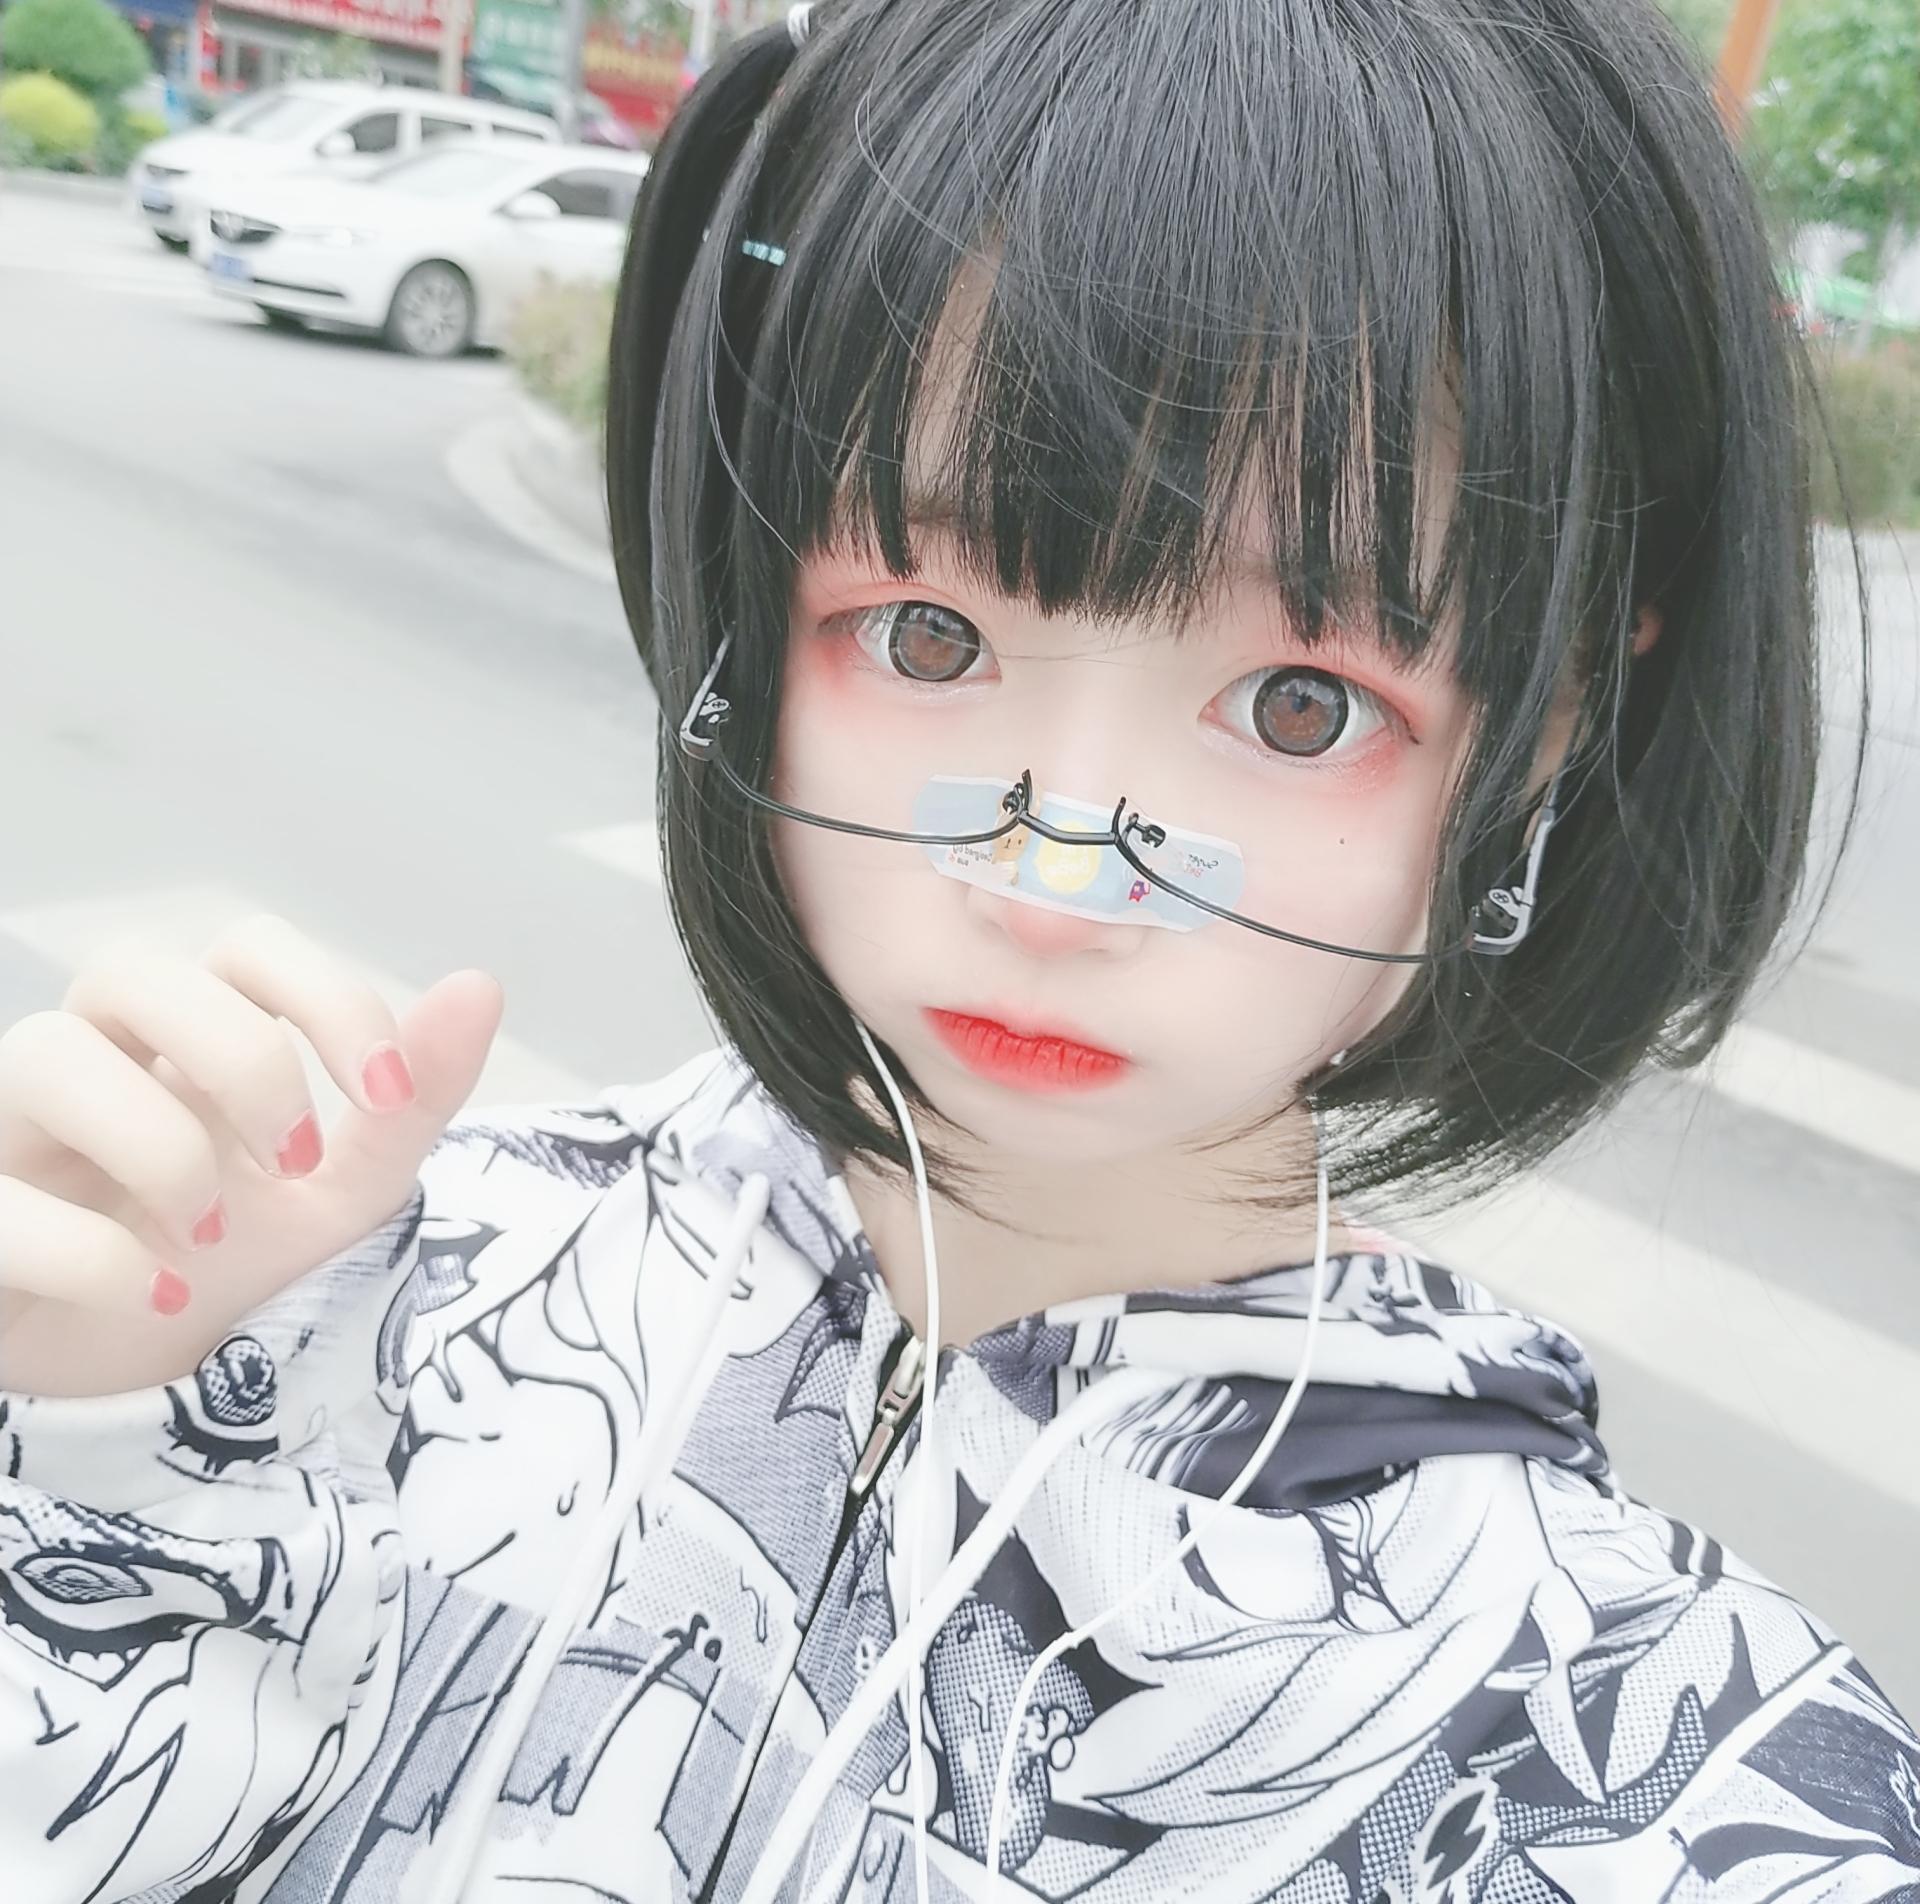 《魔法少女伊莉雅》漫展cosplay【CN:熊猫猫iwi】-第1张